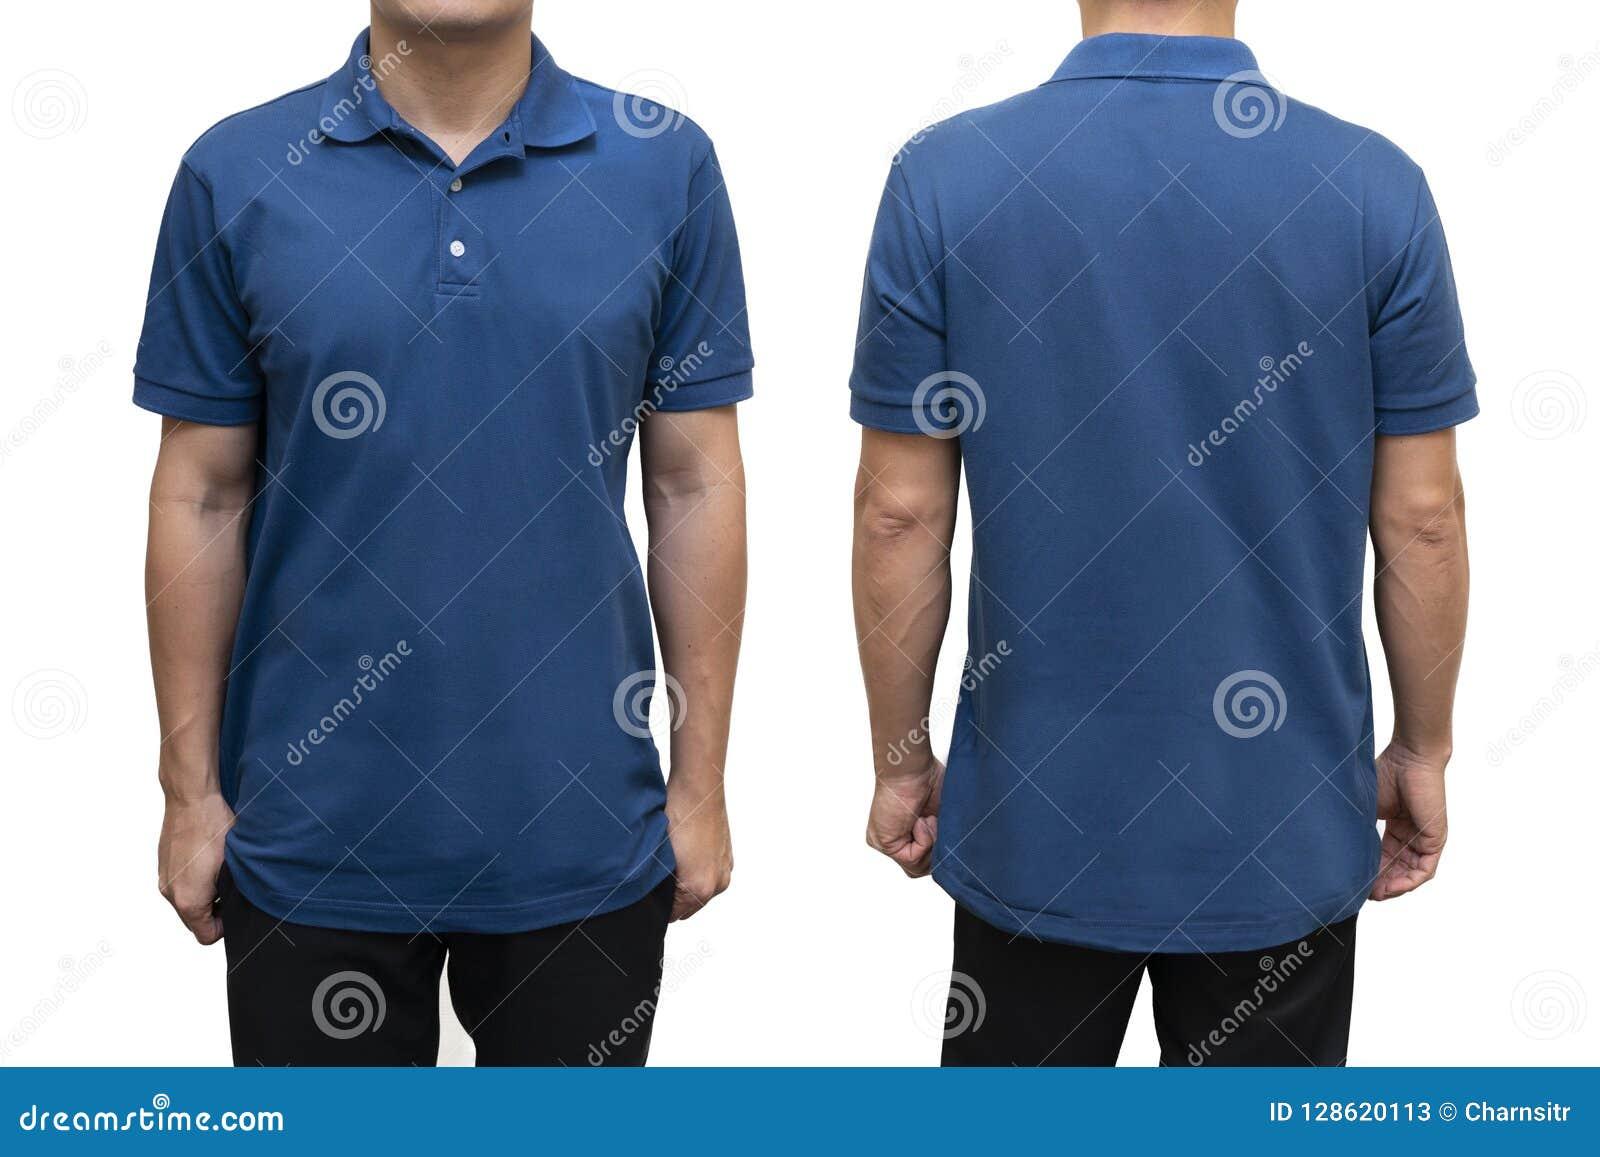 Blå tom polot-skjorta på människokroppen